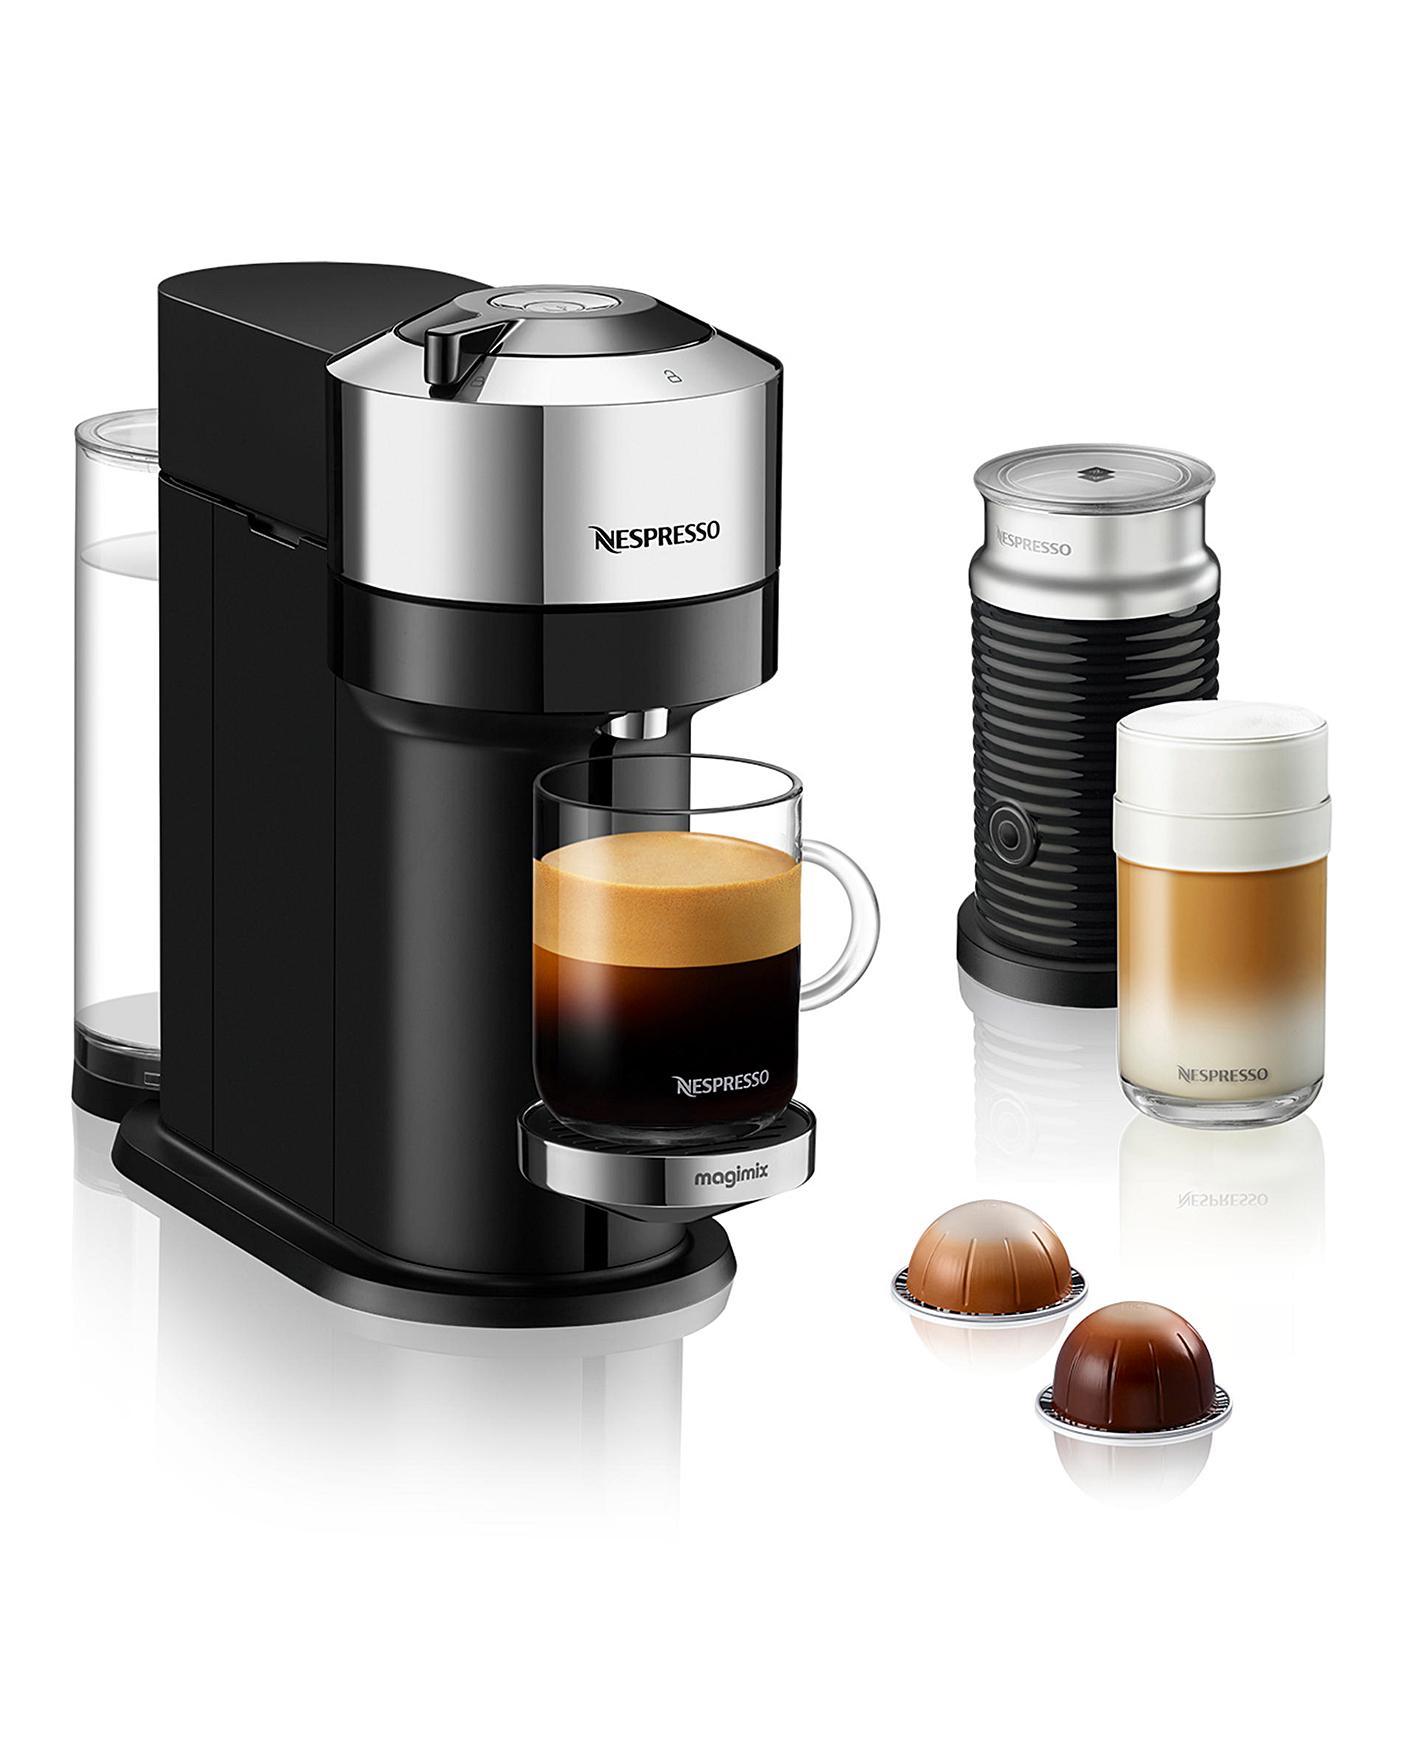 Nespresso Vertuo Chrome Coffee Machine